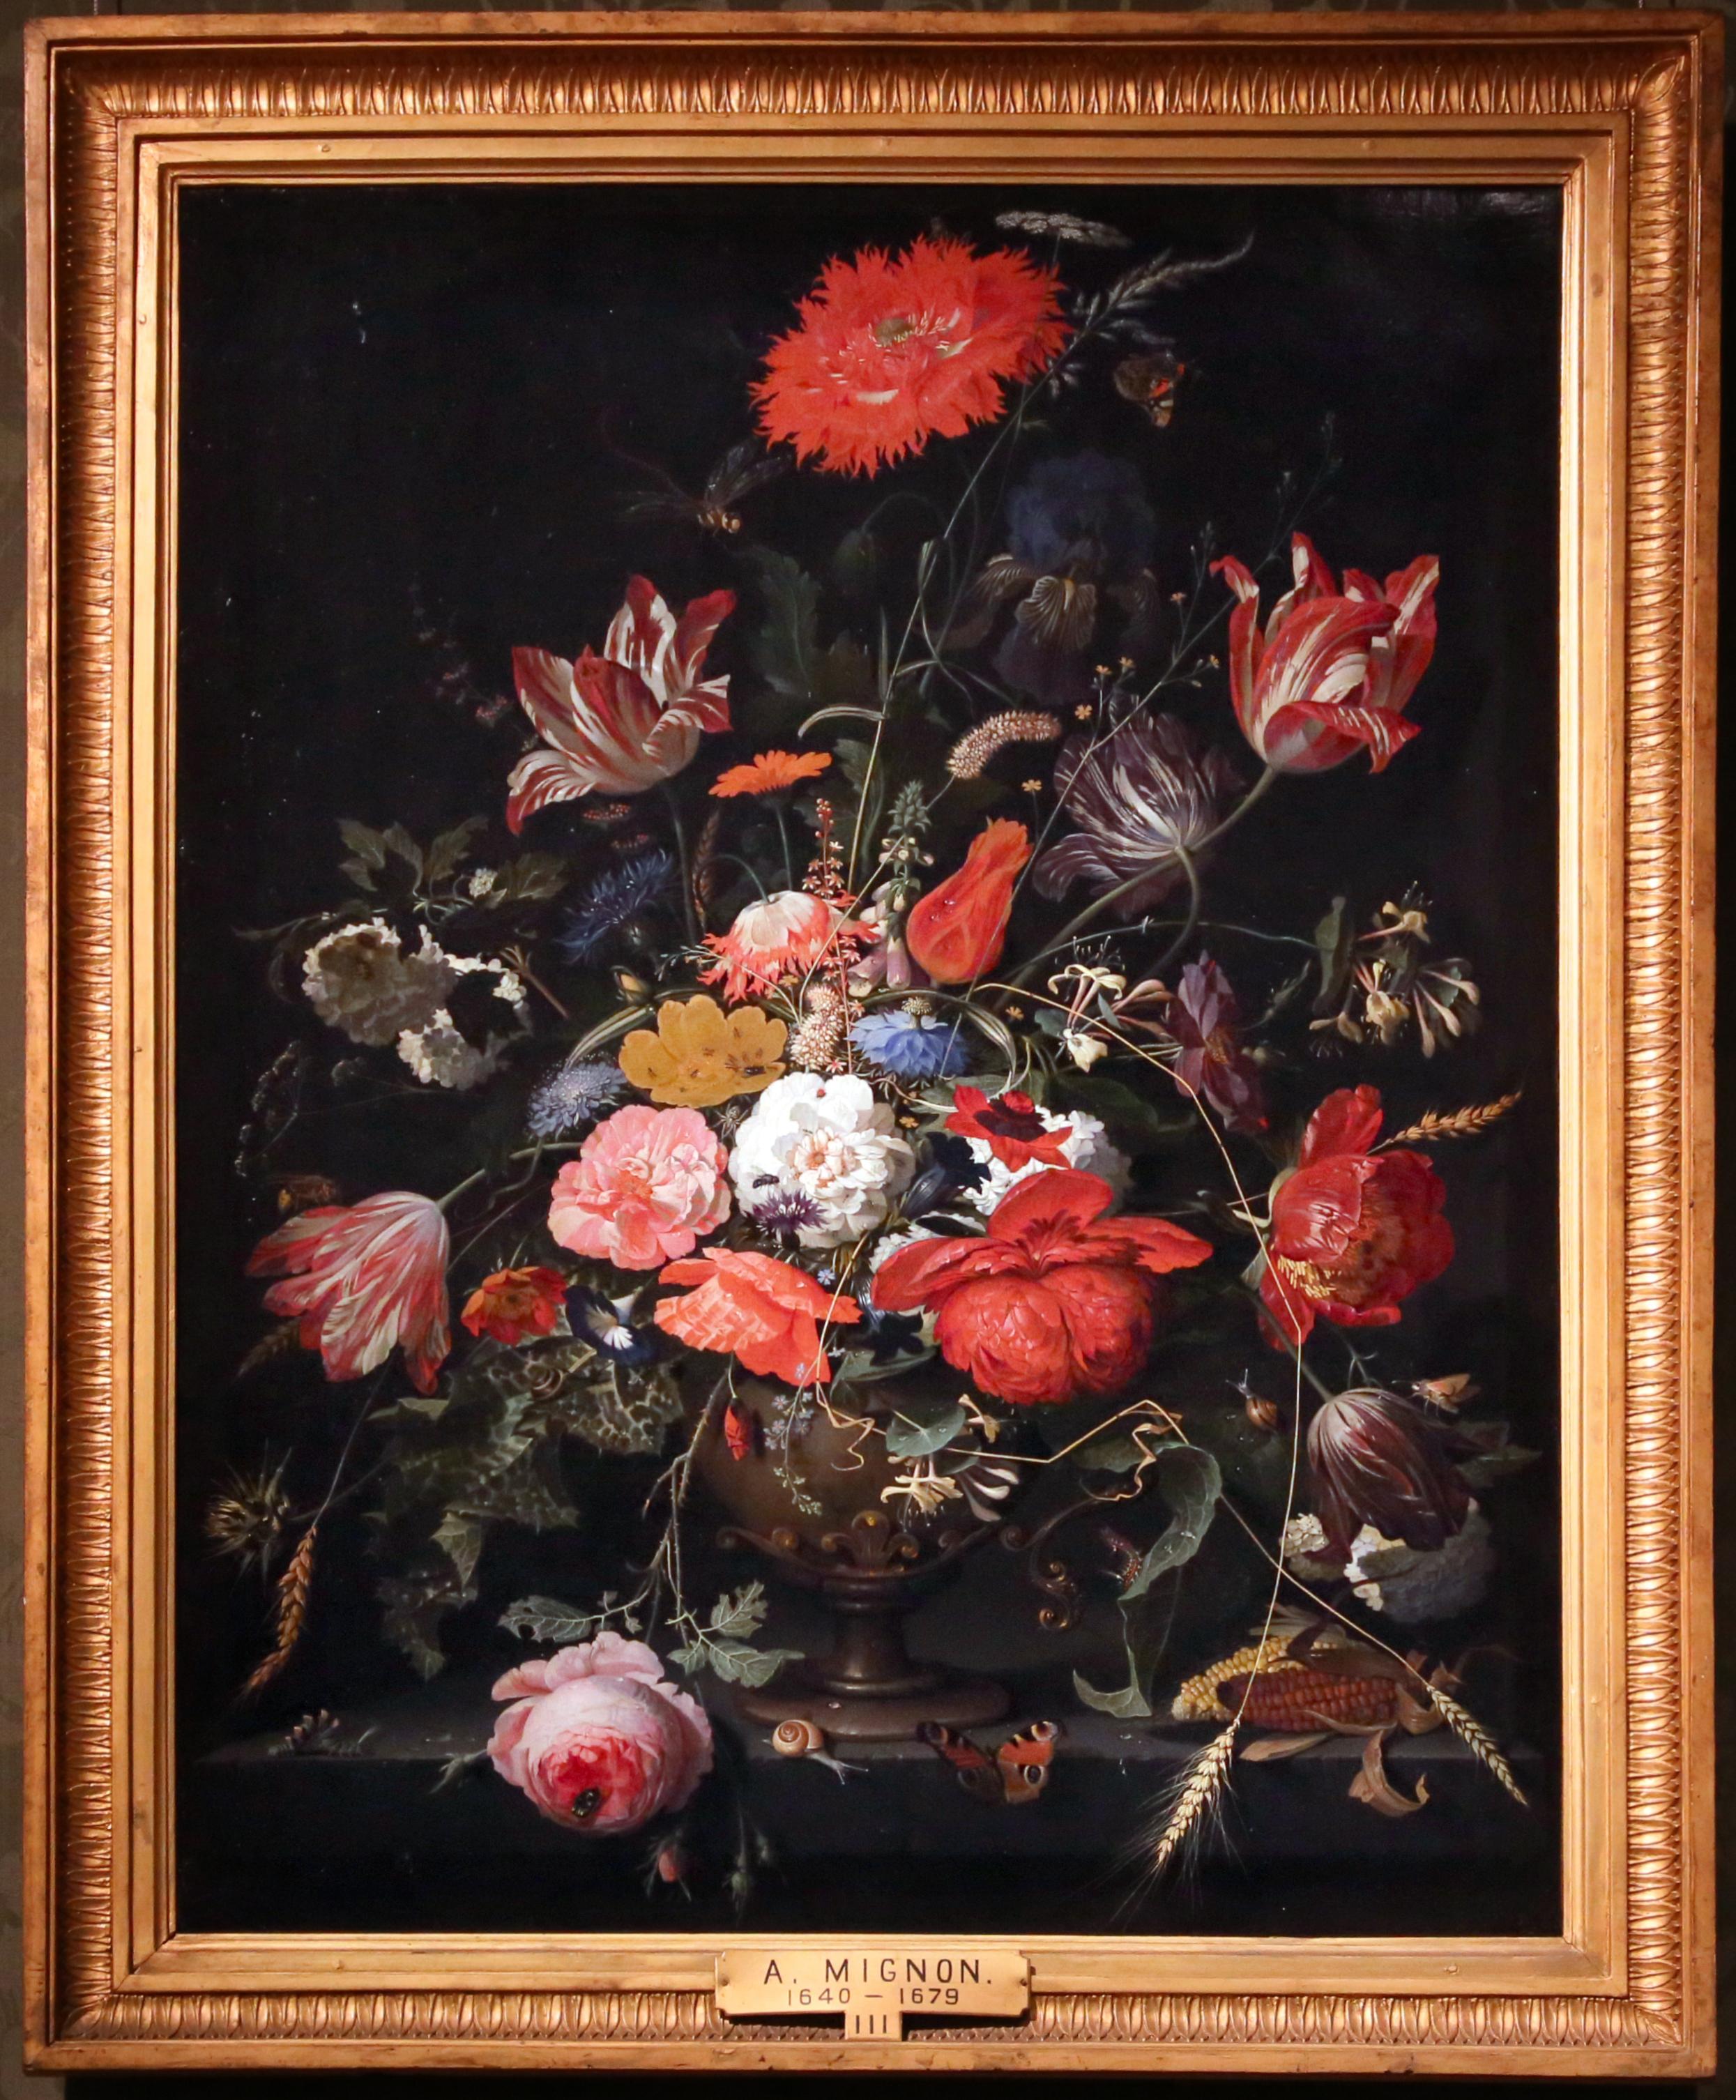 Fileabraham Mignon Fiori In Un Vaso Di Metallo 1670 Ca